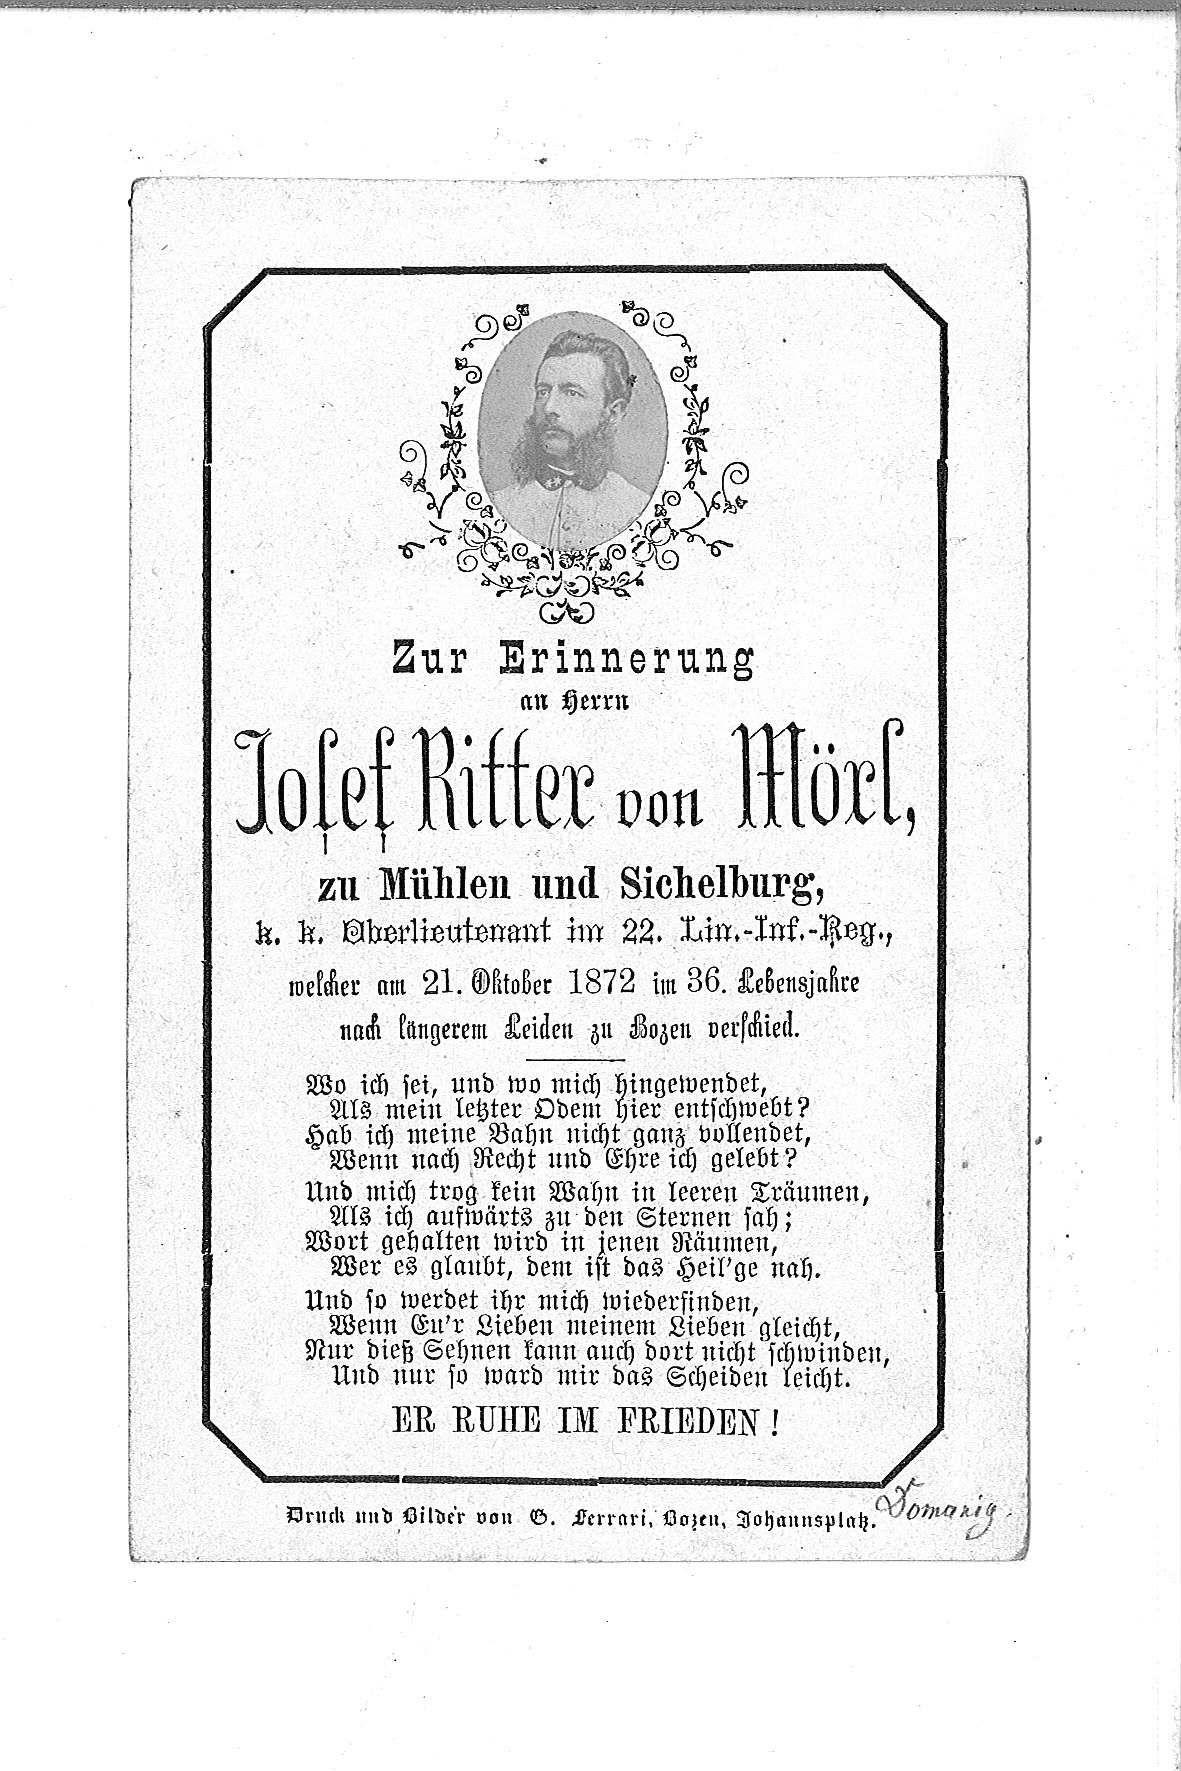 Josef-(1872)-20120831102402_00091.jpg